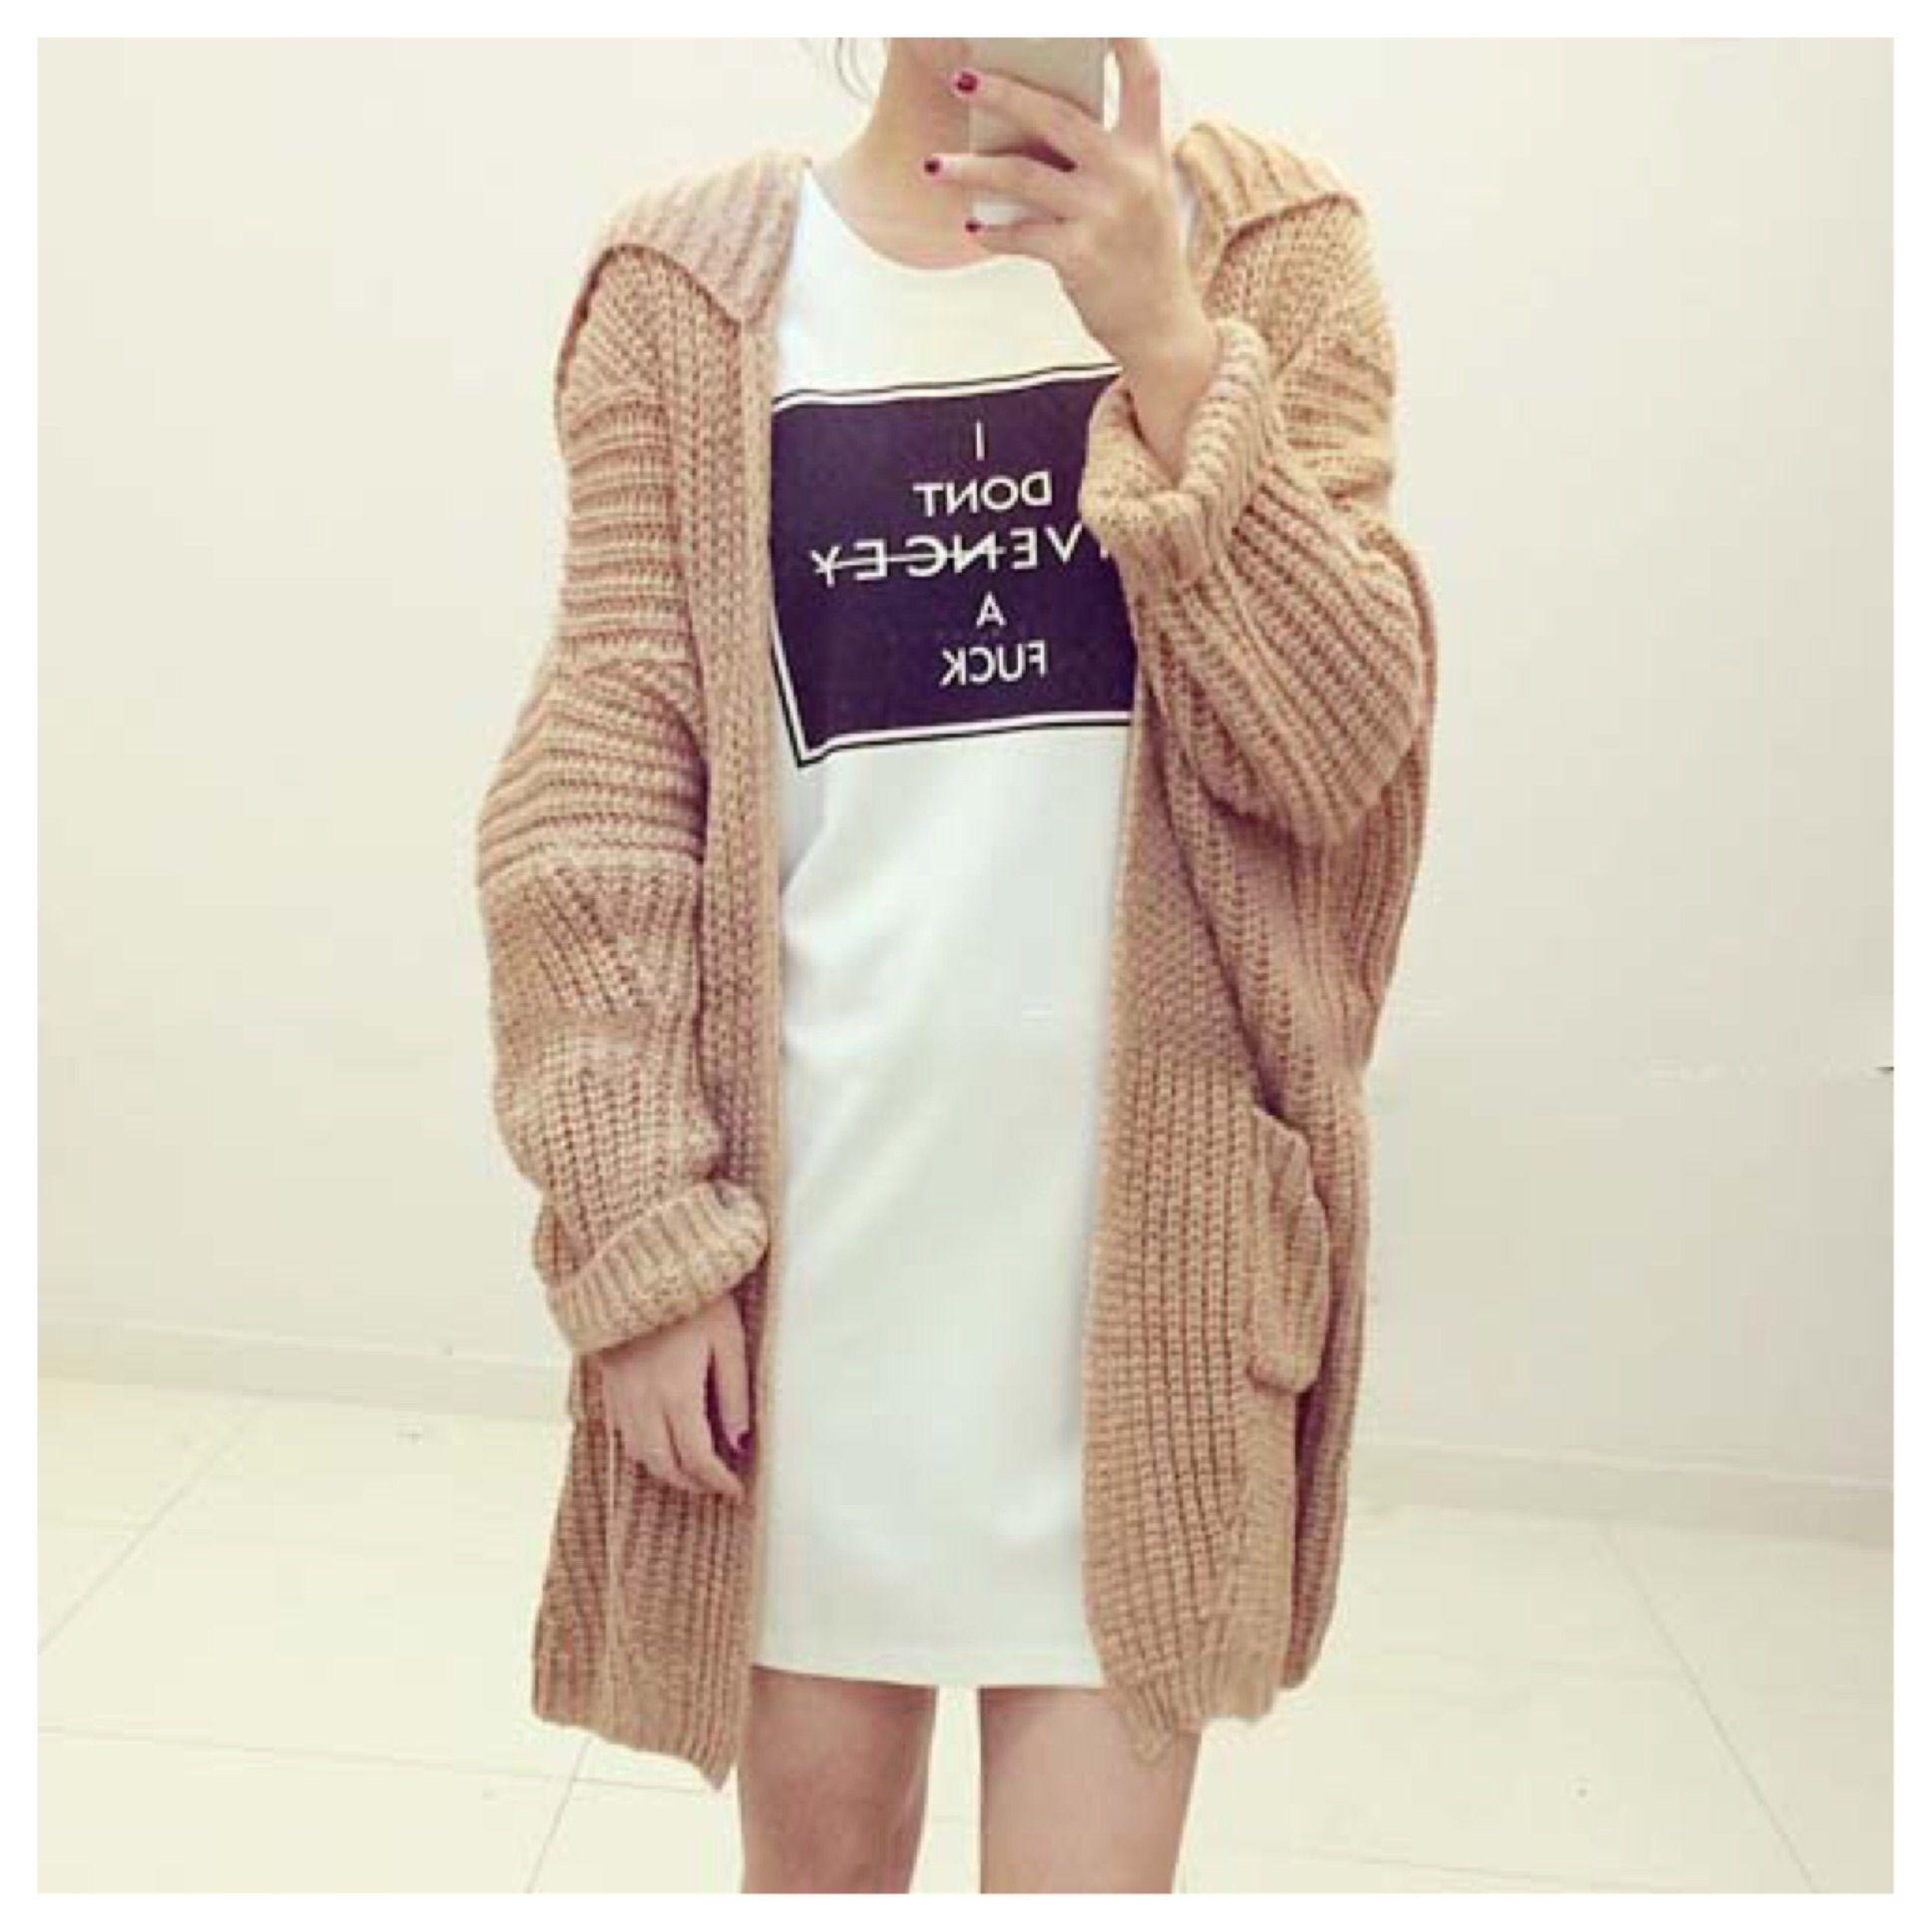 oversized #cardigan #doublelw #fashion #clothing | Cardigans ...